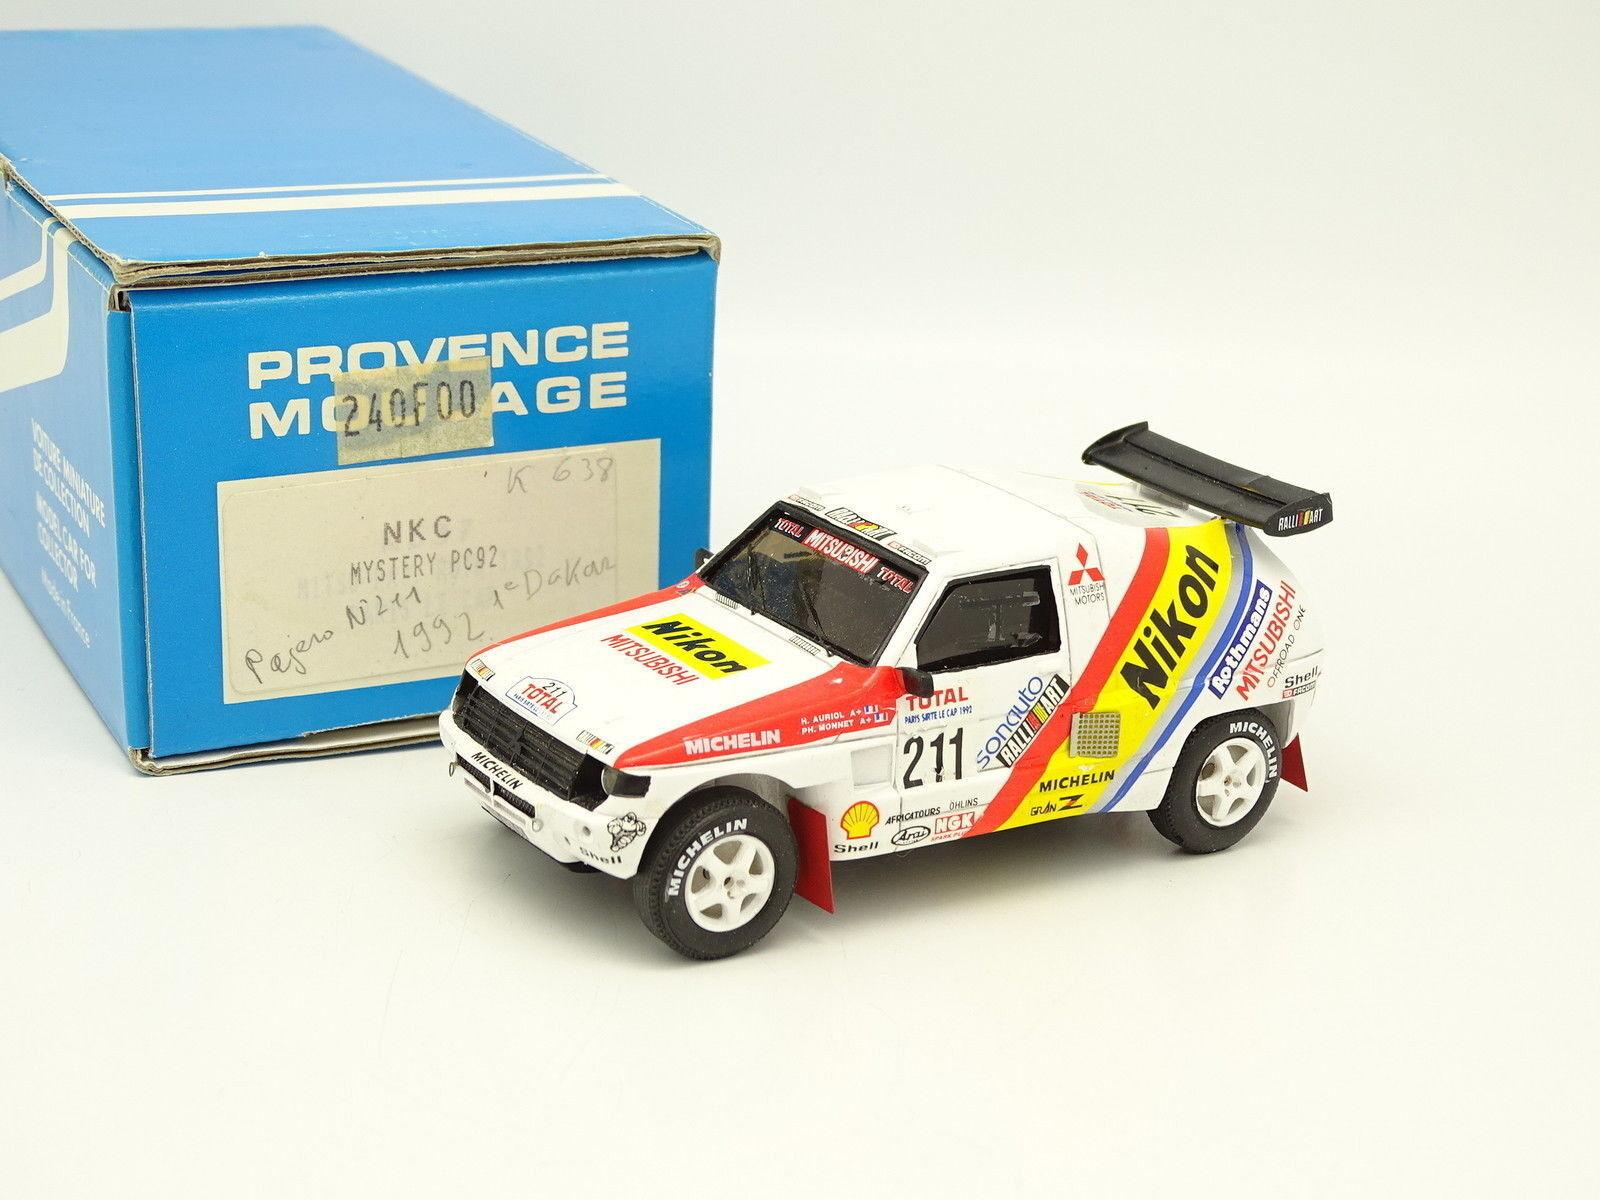 Provence Moulding Kit Assembled 1 43 - Mitsubishi Pajero Paris Dakar 92 Winner